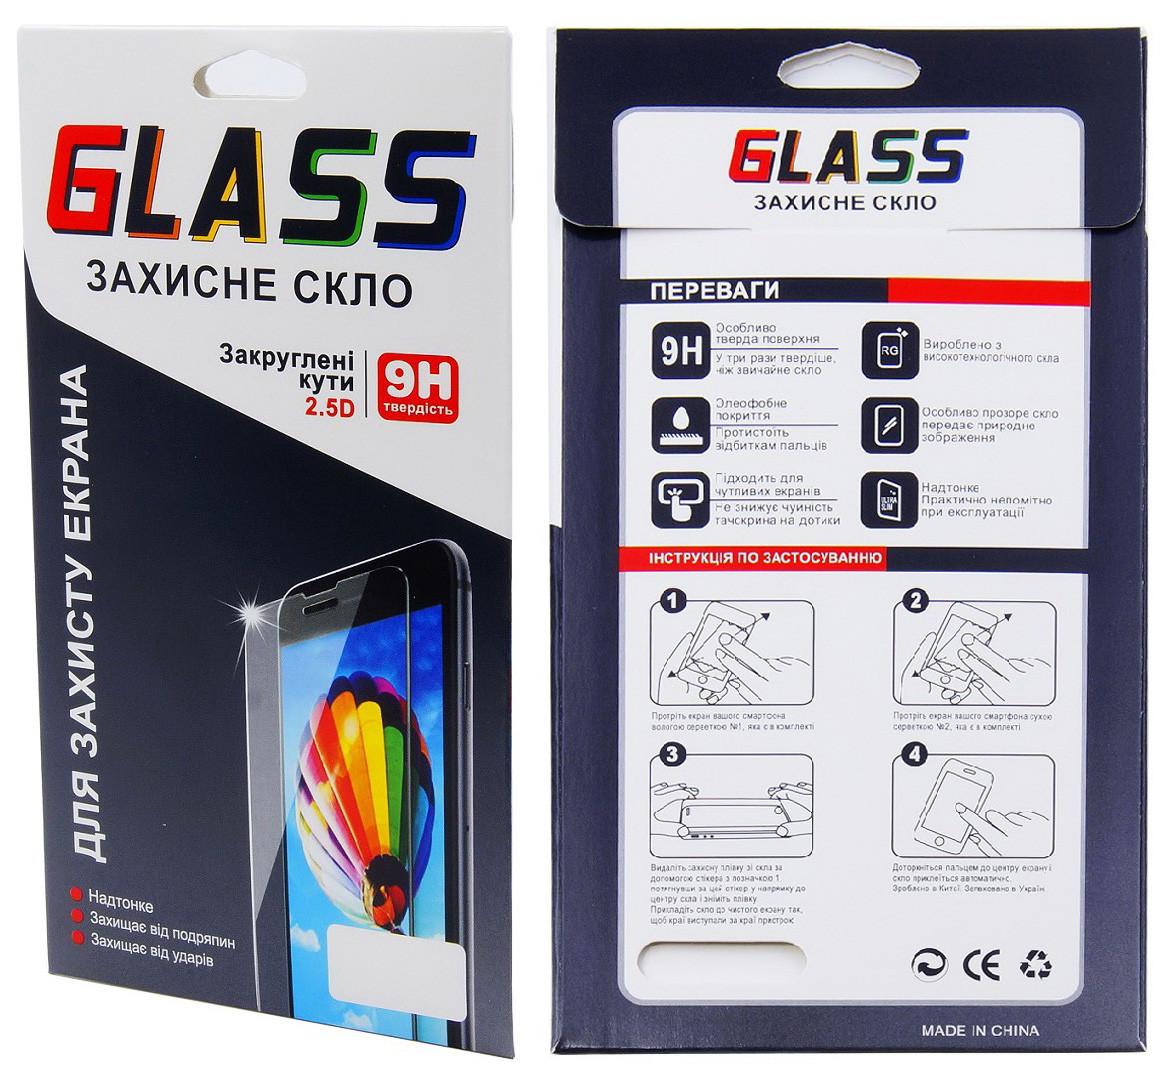 Защитное закаленное стекло Glass для смартфона Xiaomi Redmi 5 Plus +. Черная рамка